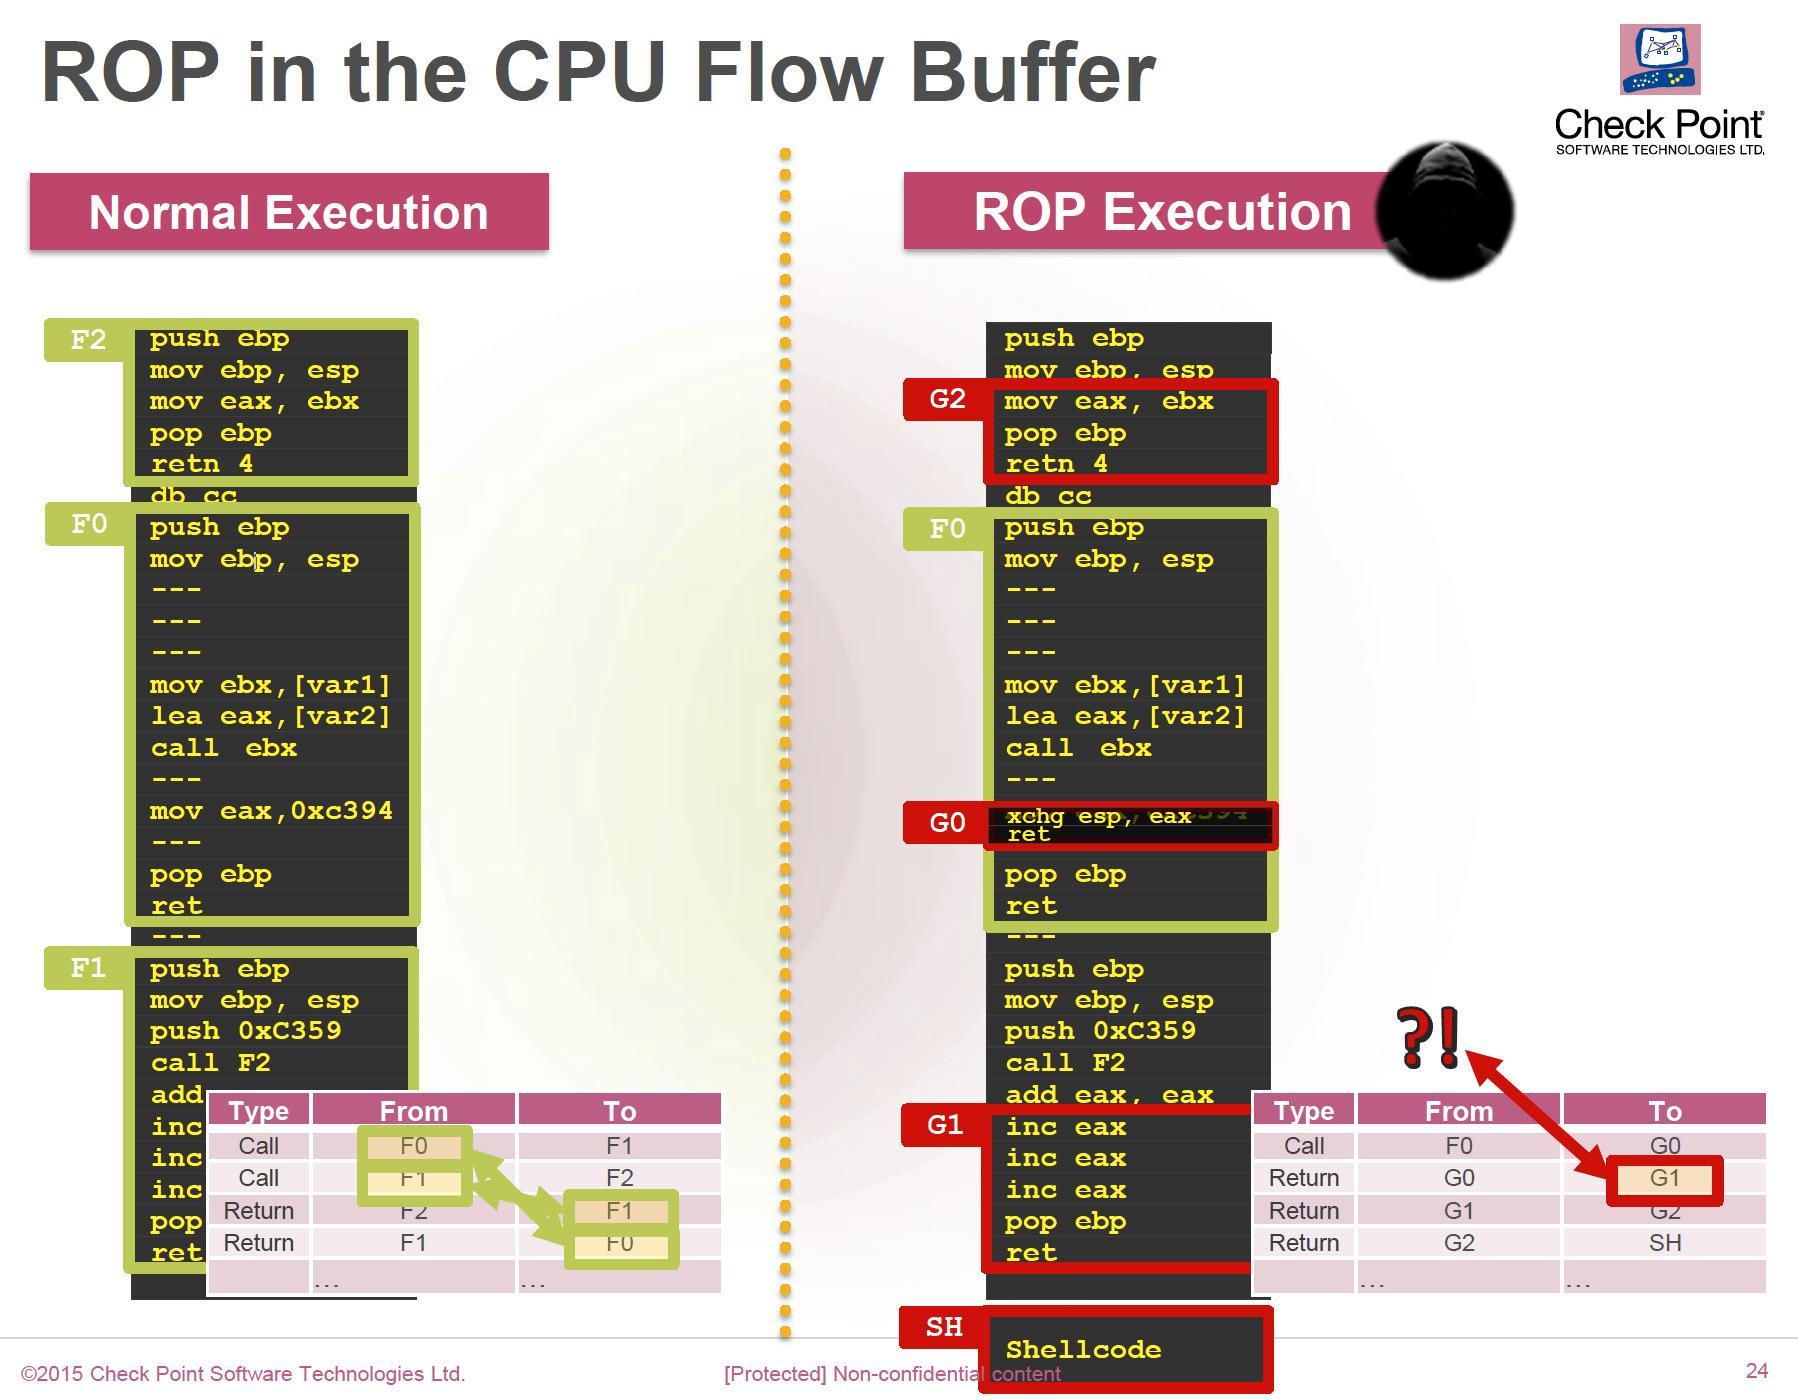 Eksempel på hvordan debug-modusen i nye Intel-prosessorer kan brukes for å oppdage skadelig programvare som benytter såkalt ROP – Return Oriented Programming. Foto: Check Point.